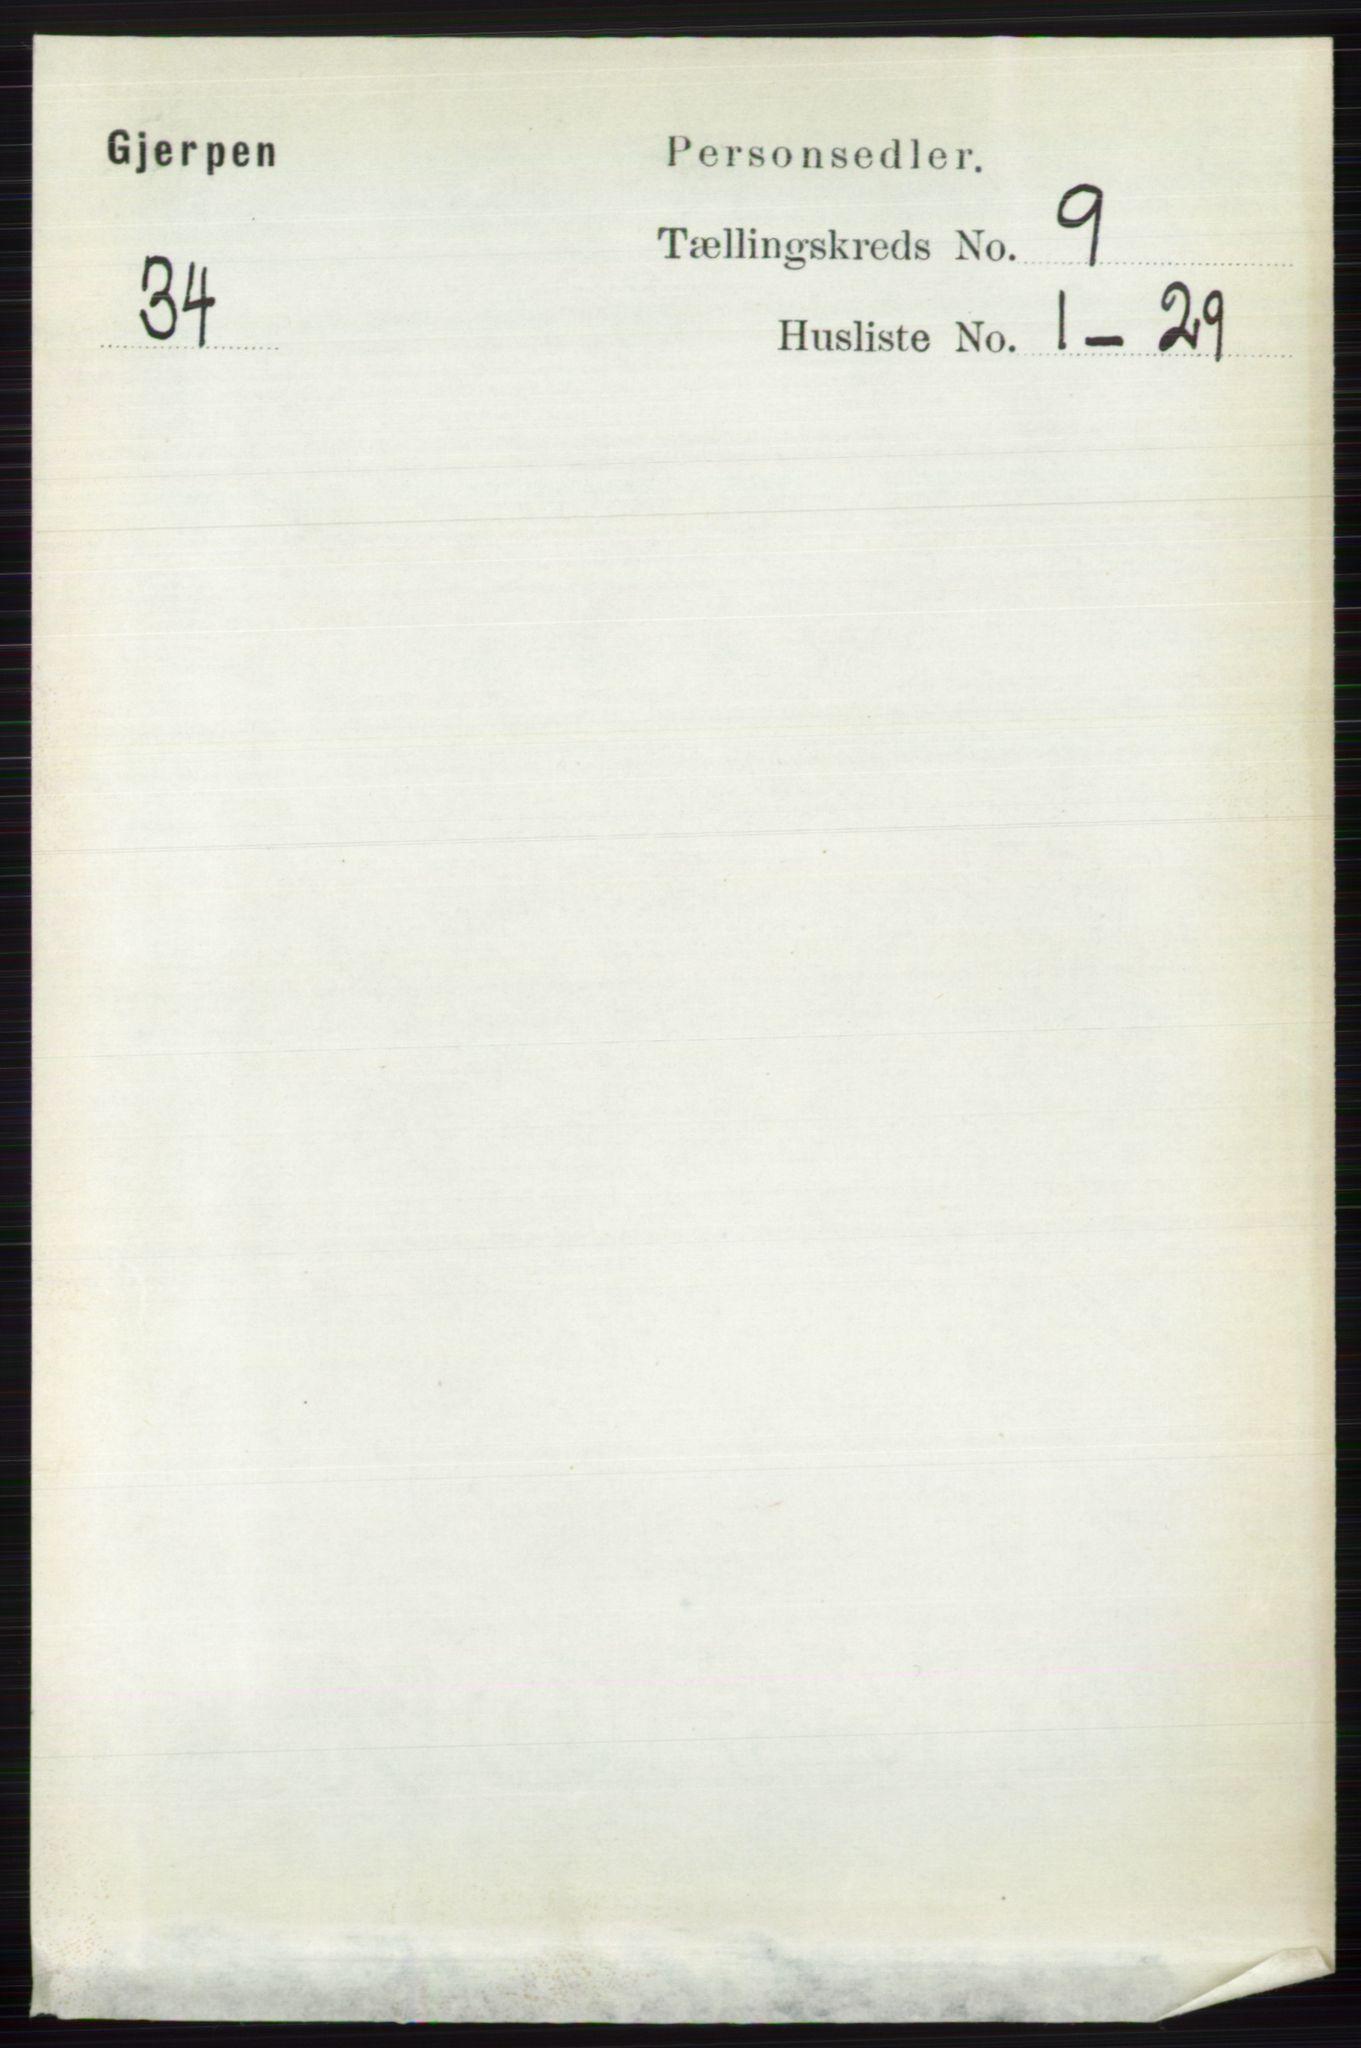 RA, Folketelling 1891 for 0812 Gjerpen herred, 1891, s. 4973